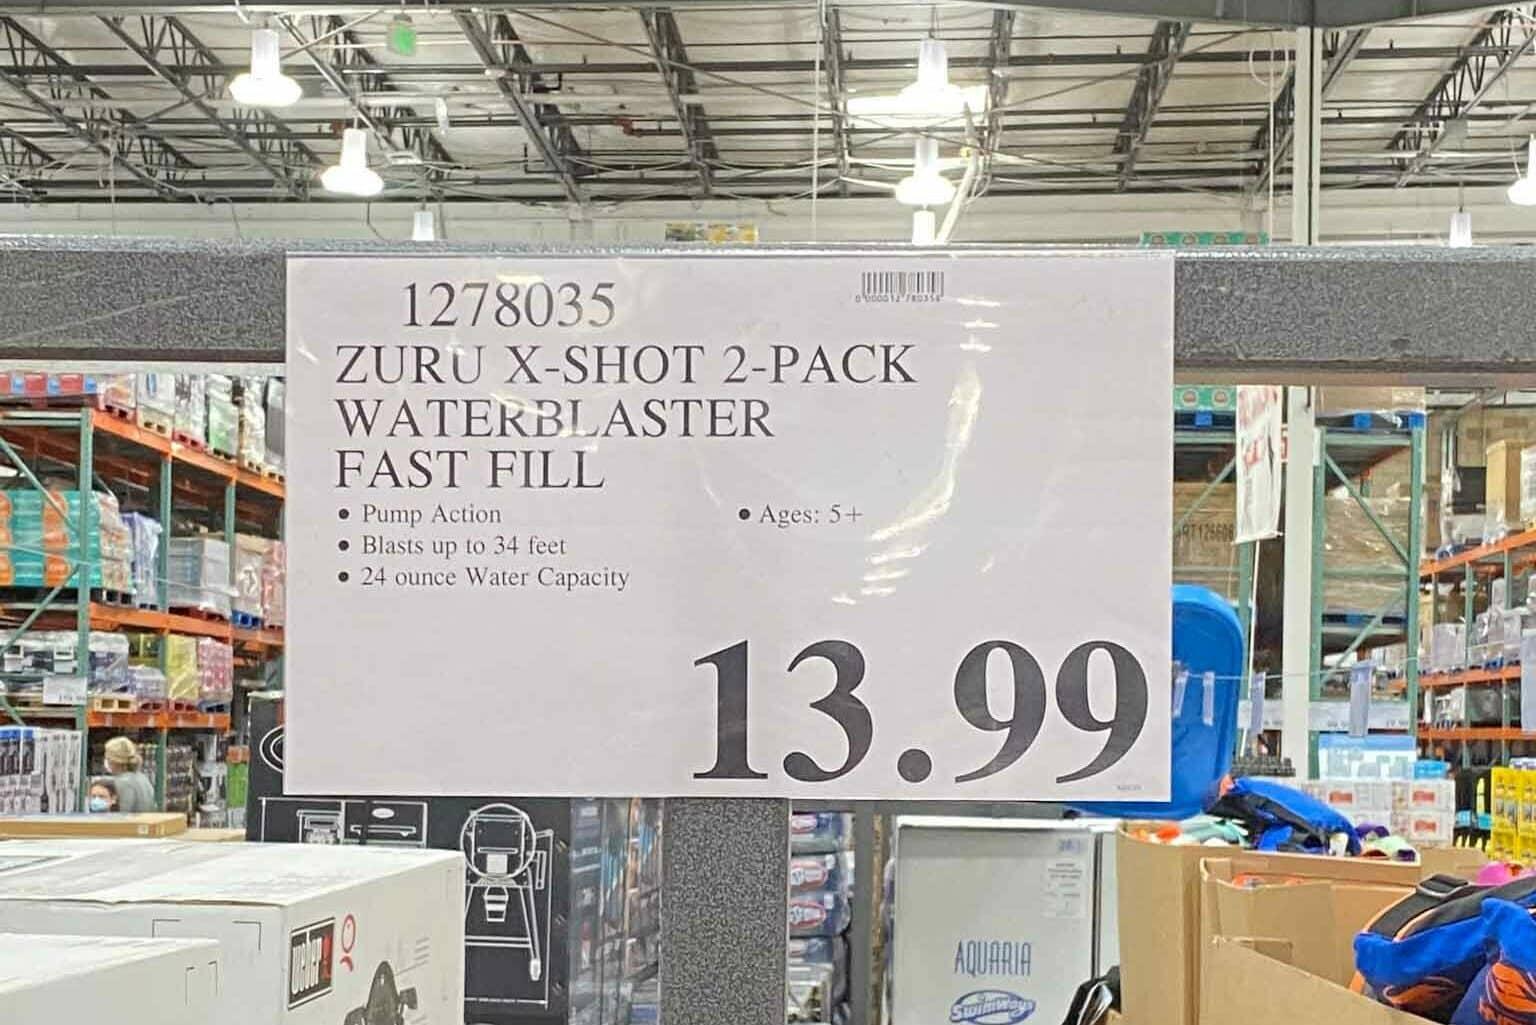 Zuru X-Shot 2-Pack Waterblaster Fast Fill Costco Water Guns $13.99